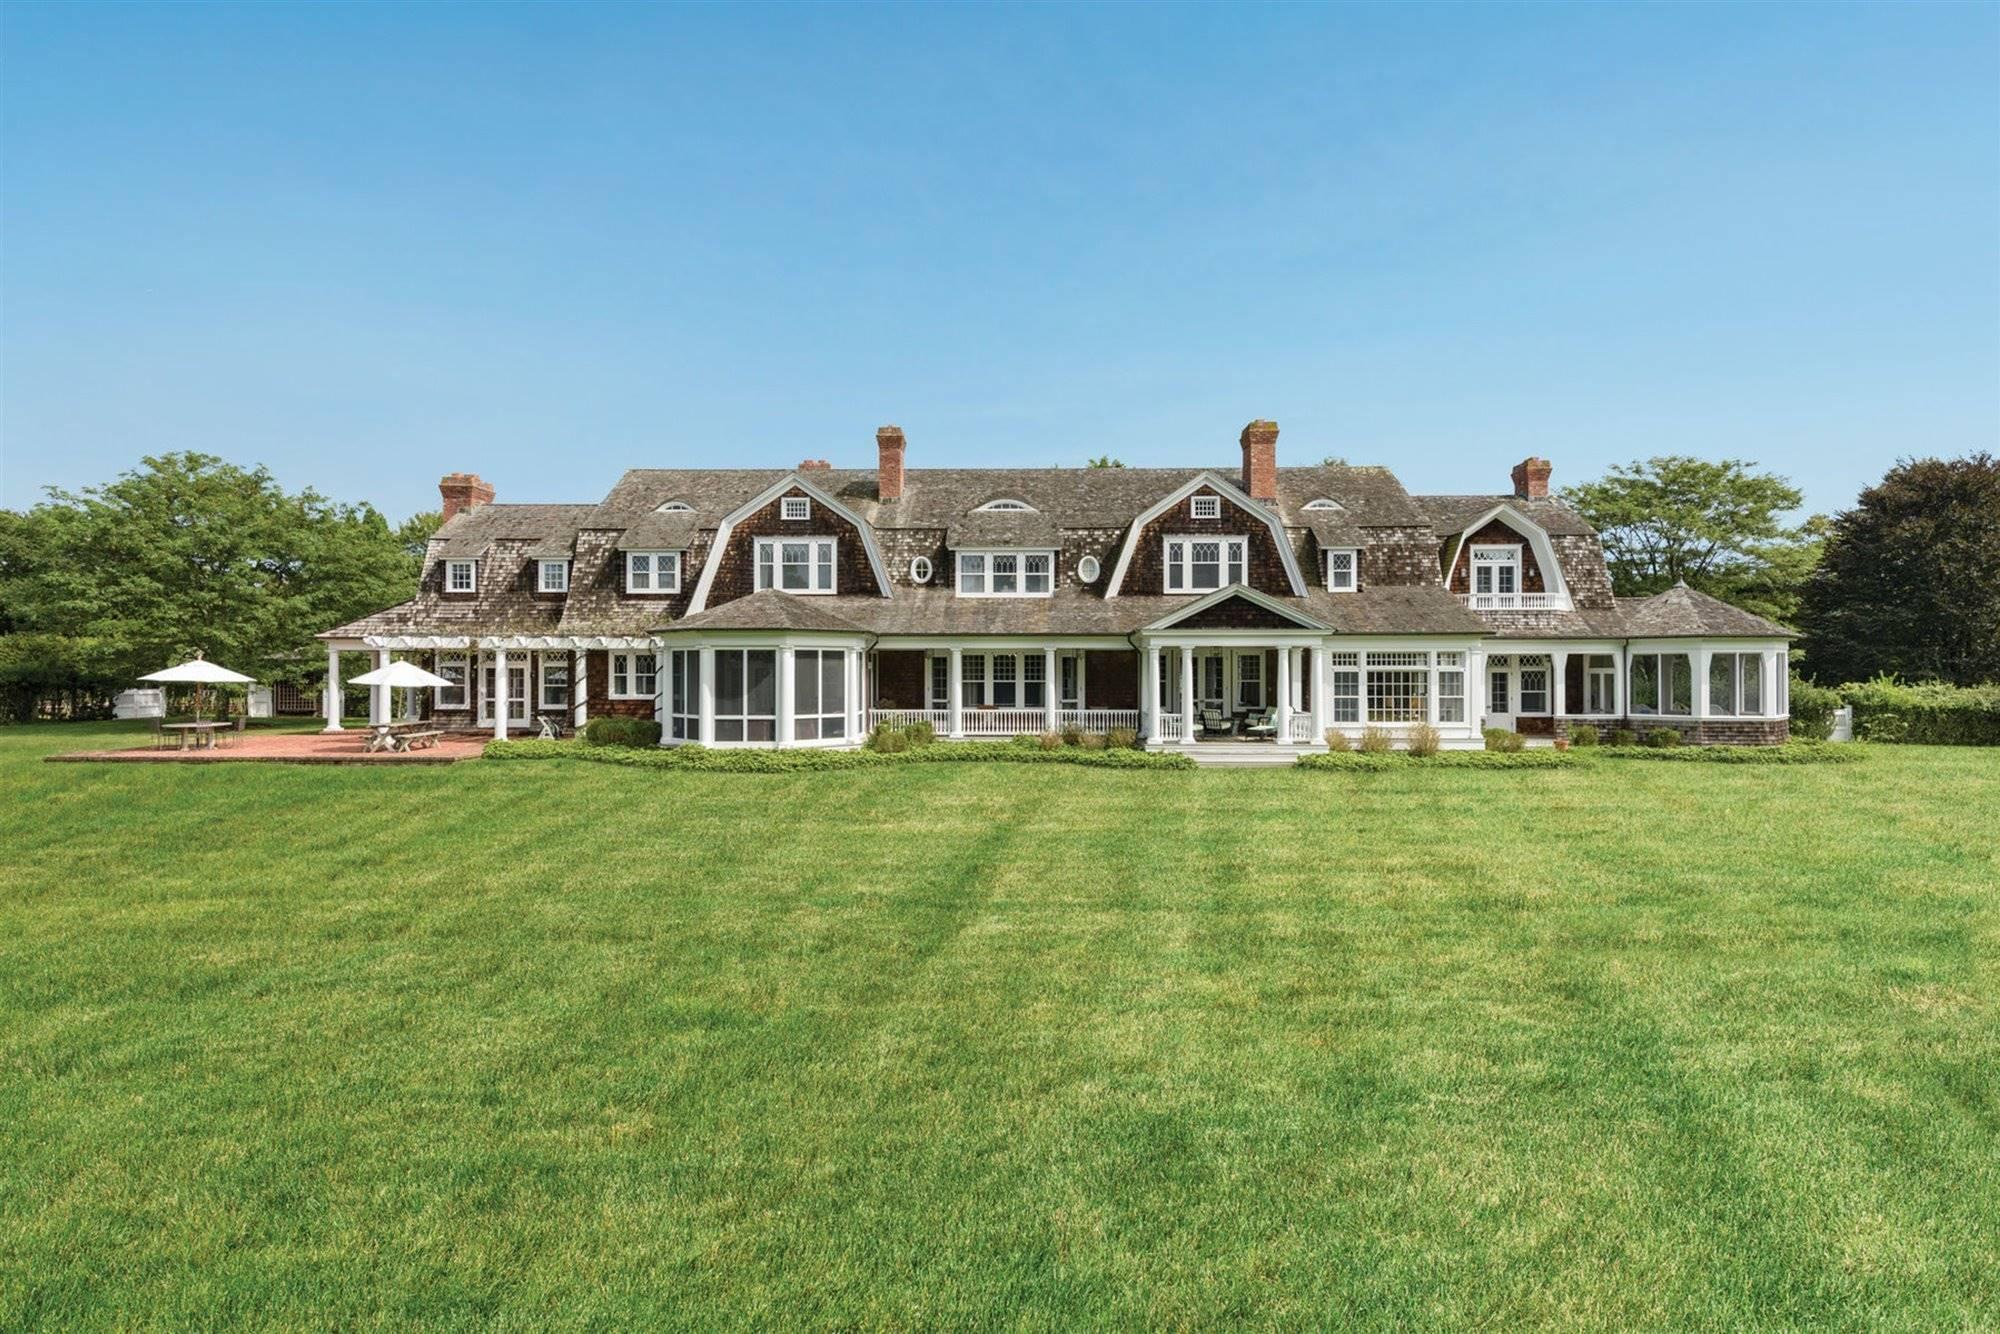 Casa de Chantal miller en los hamptons. Un casoplón en Los Hamptons